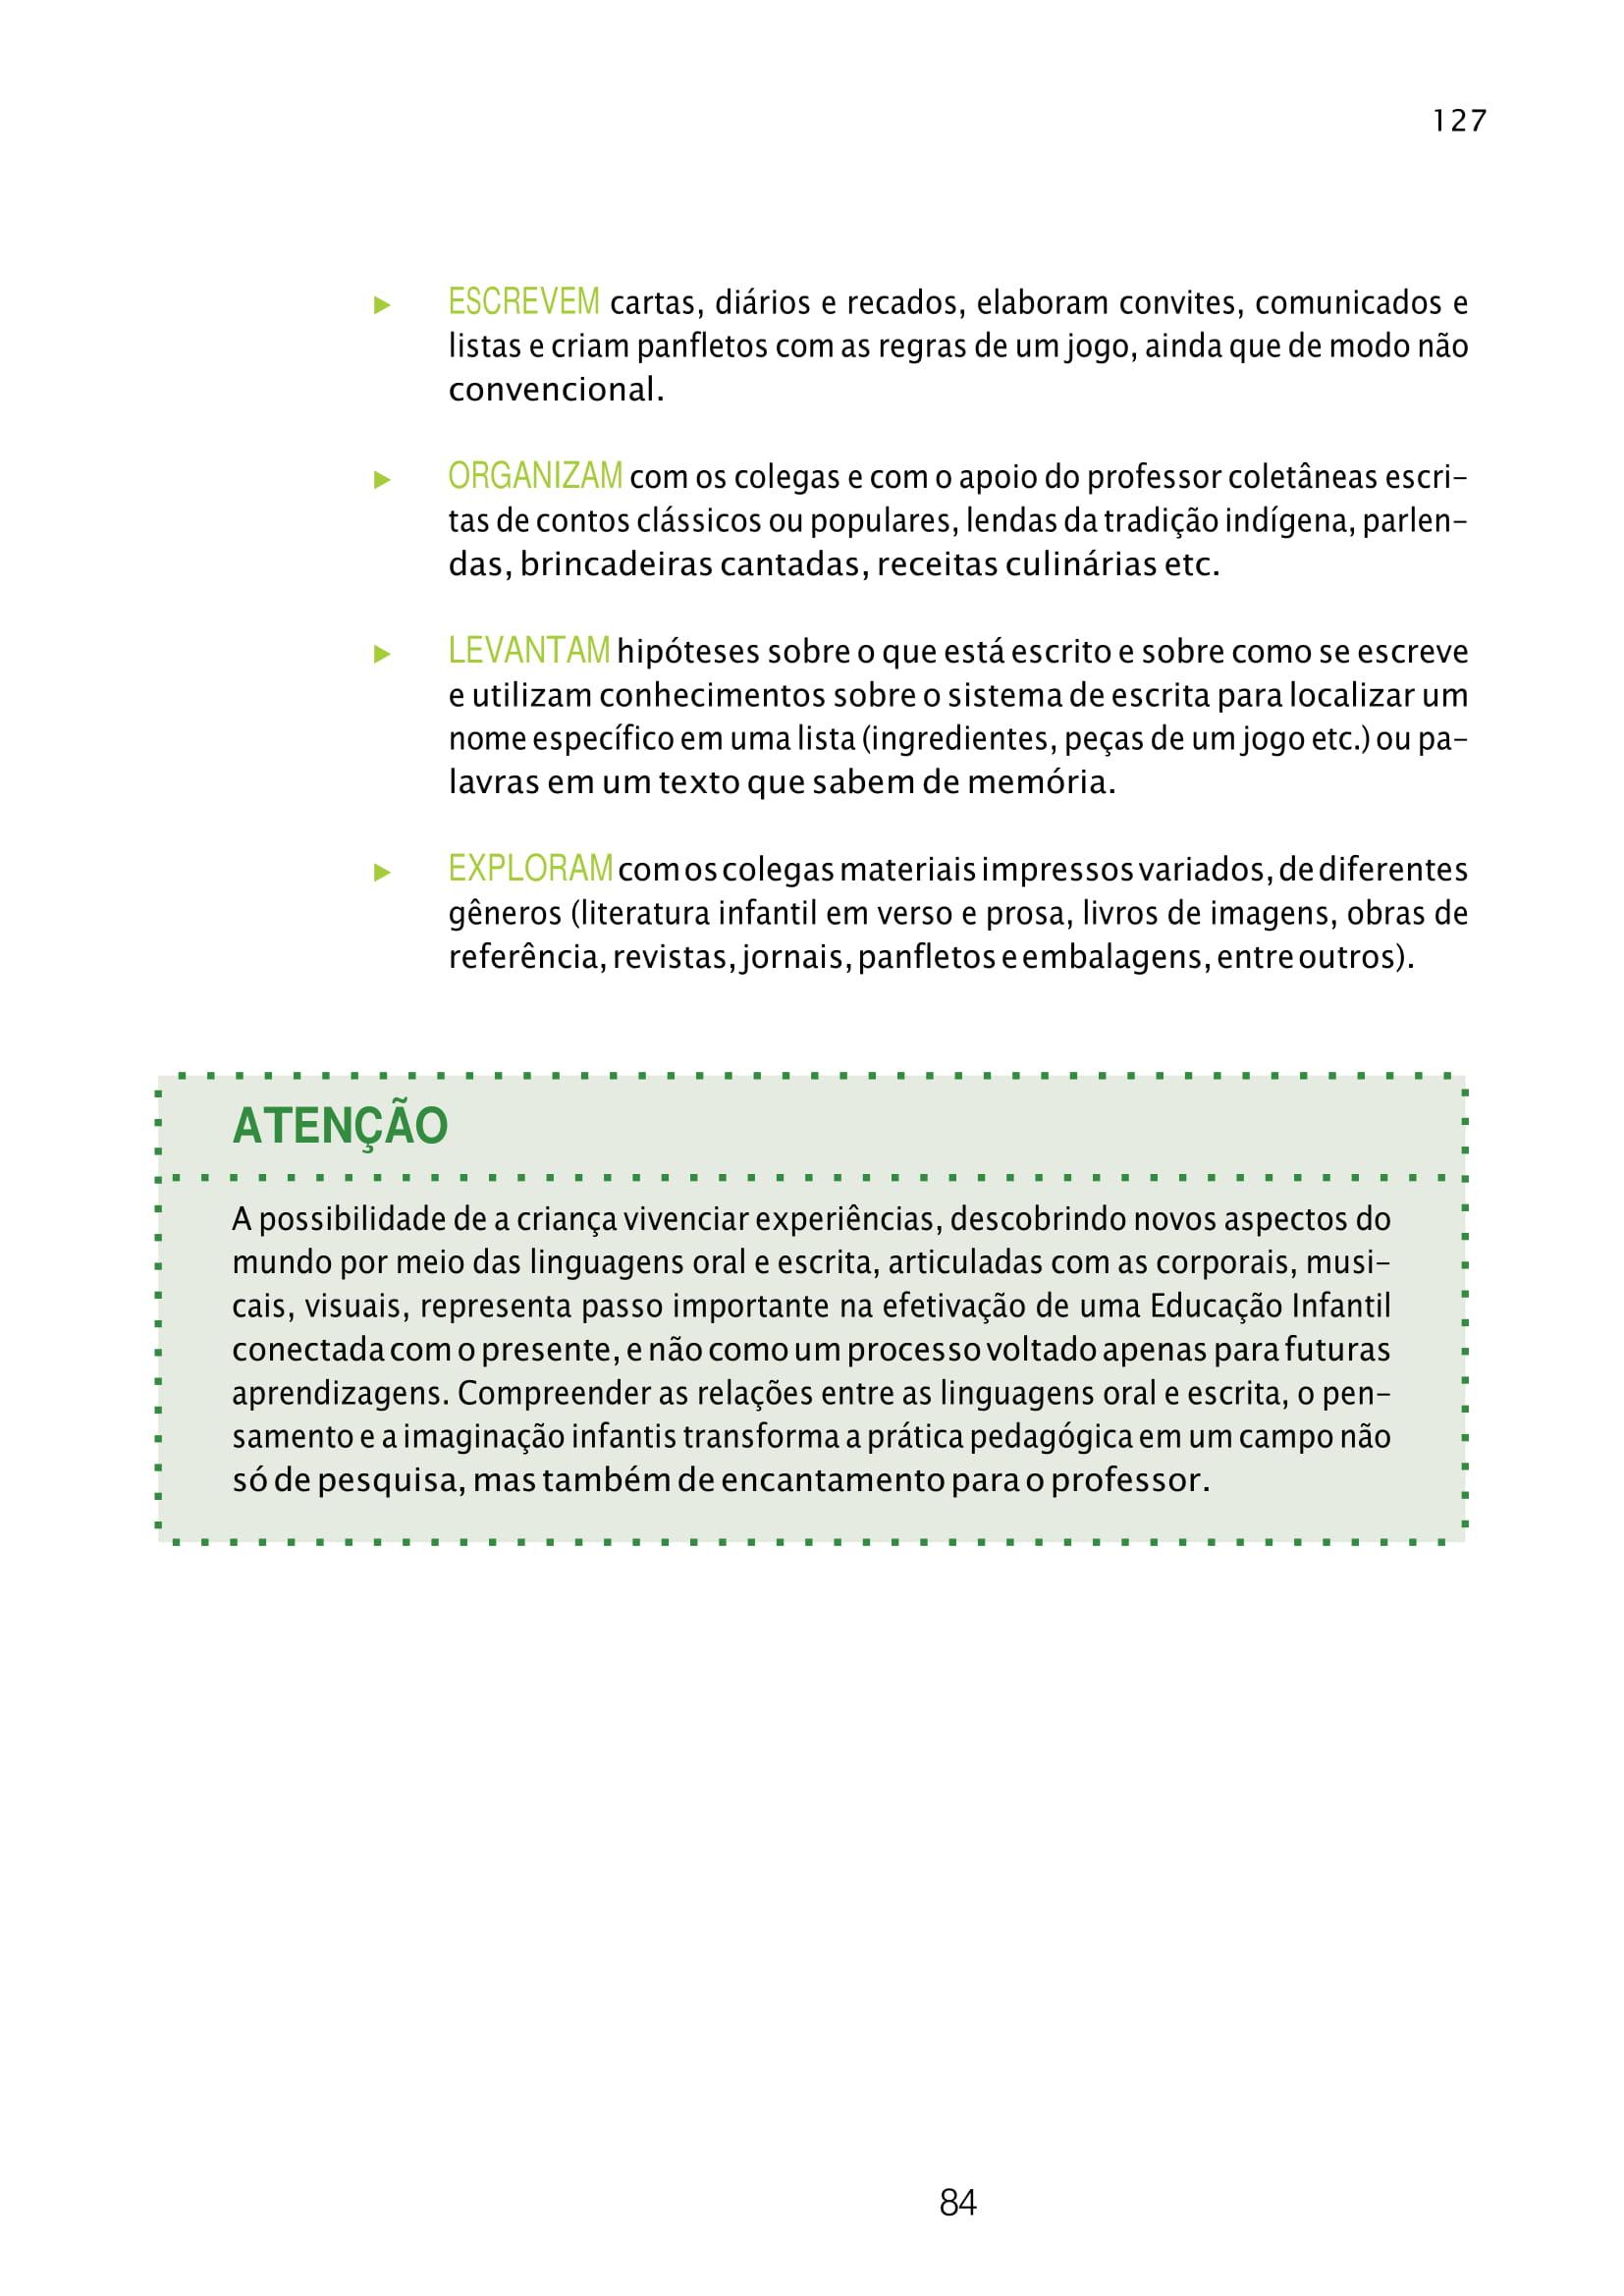 planejamento-educação-infantil-bncc-geral-157